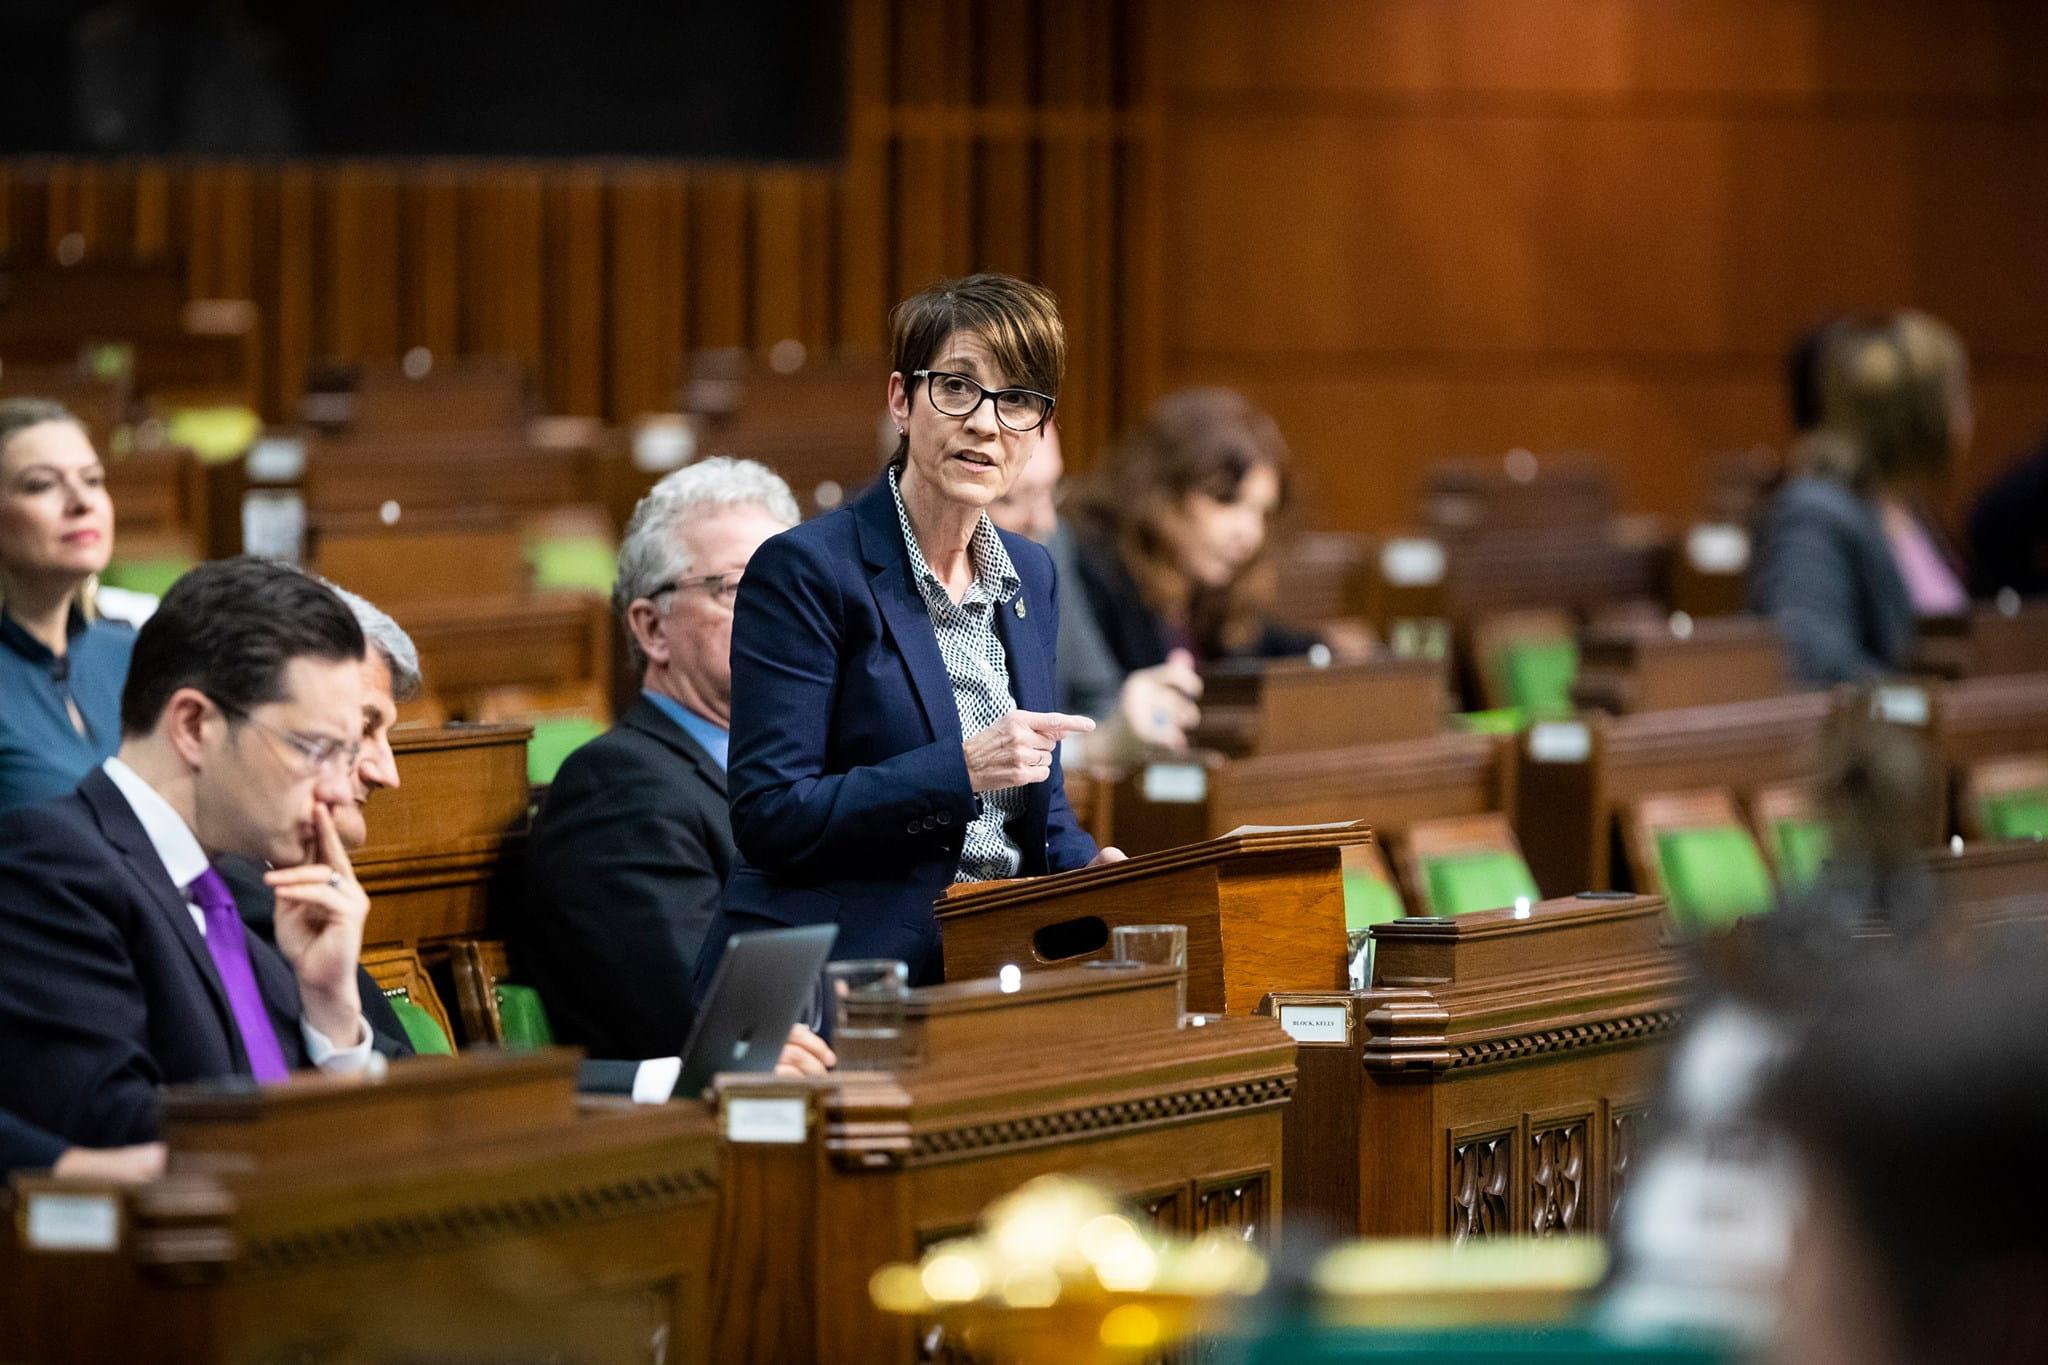 Meet Kelly - Kelly Block, MP